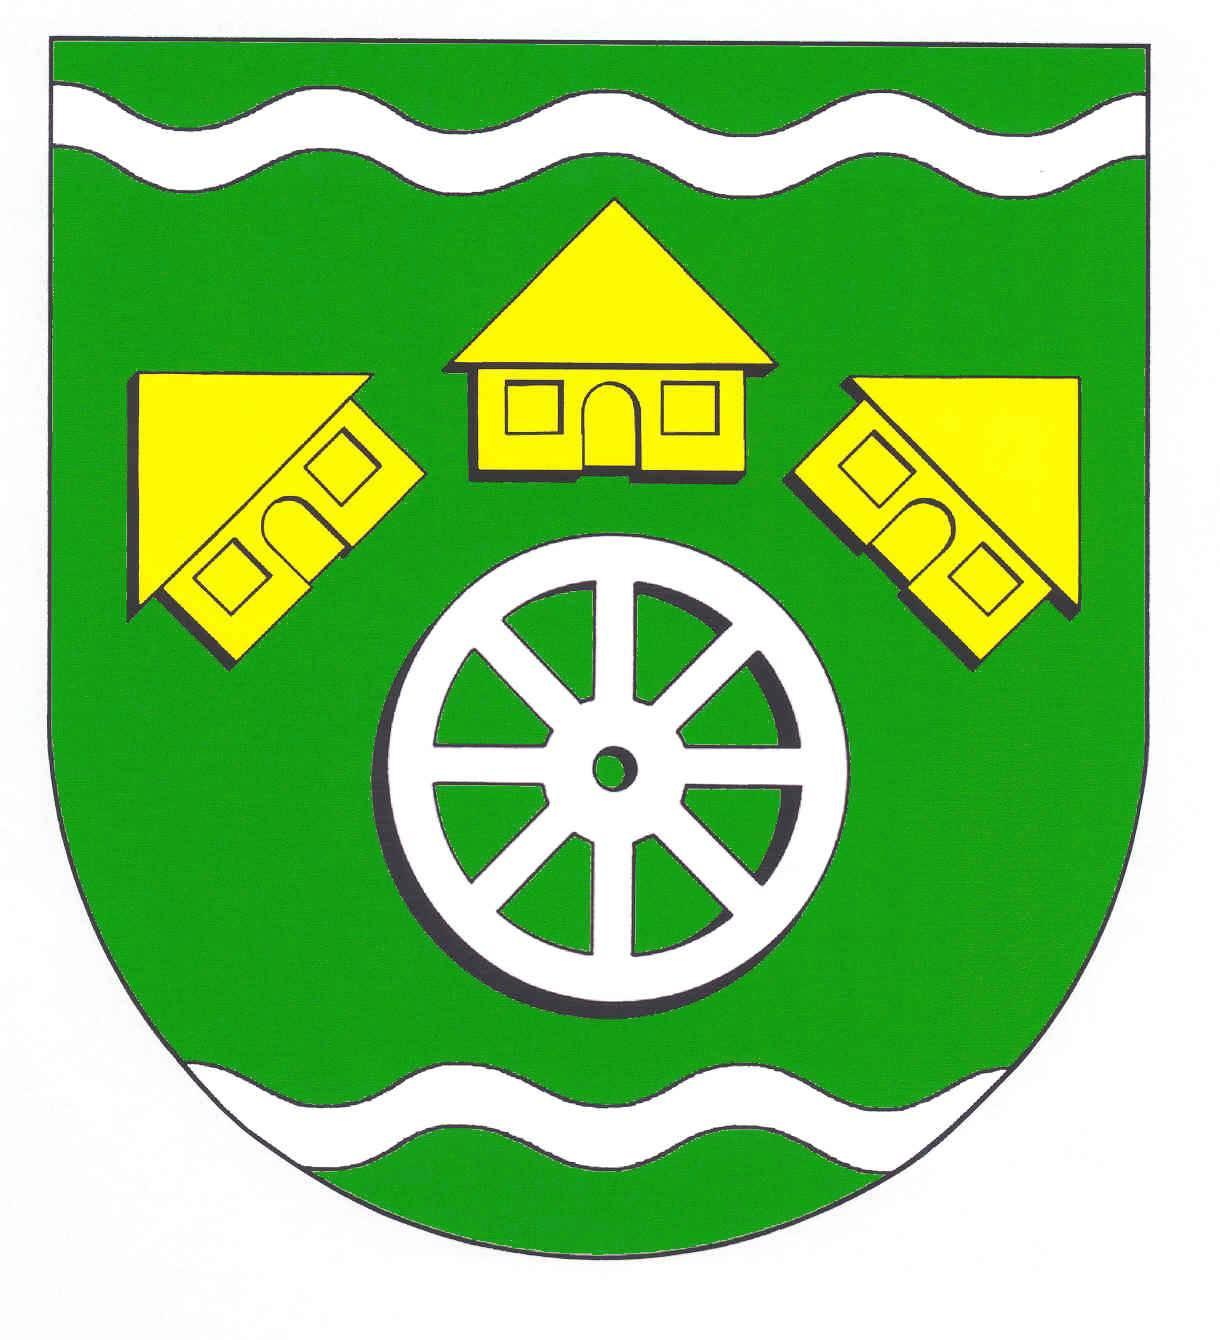 Wappen GemeindeKrumstedt, Kreis Dithmarschen